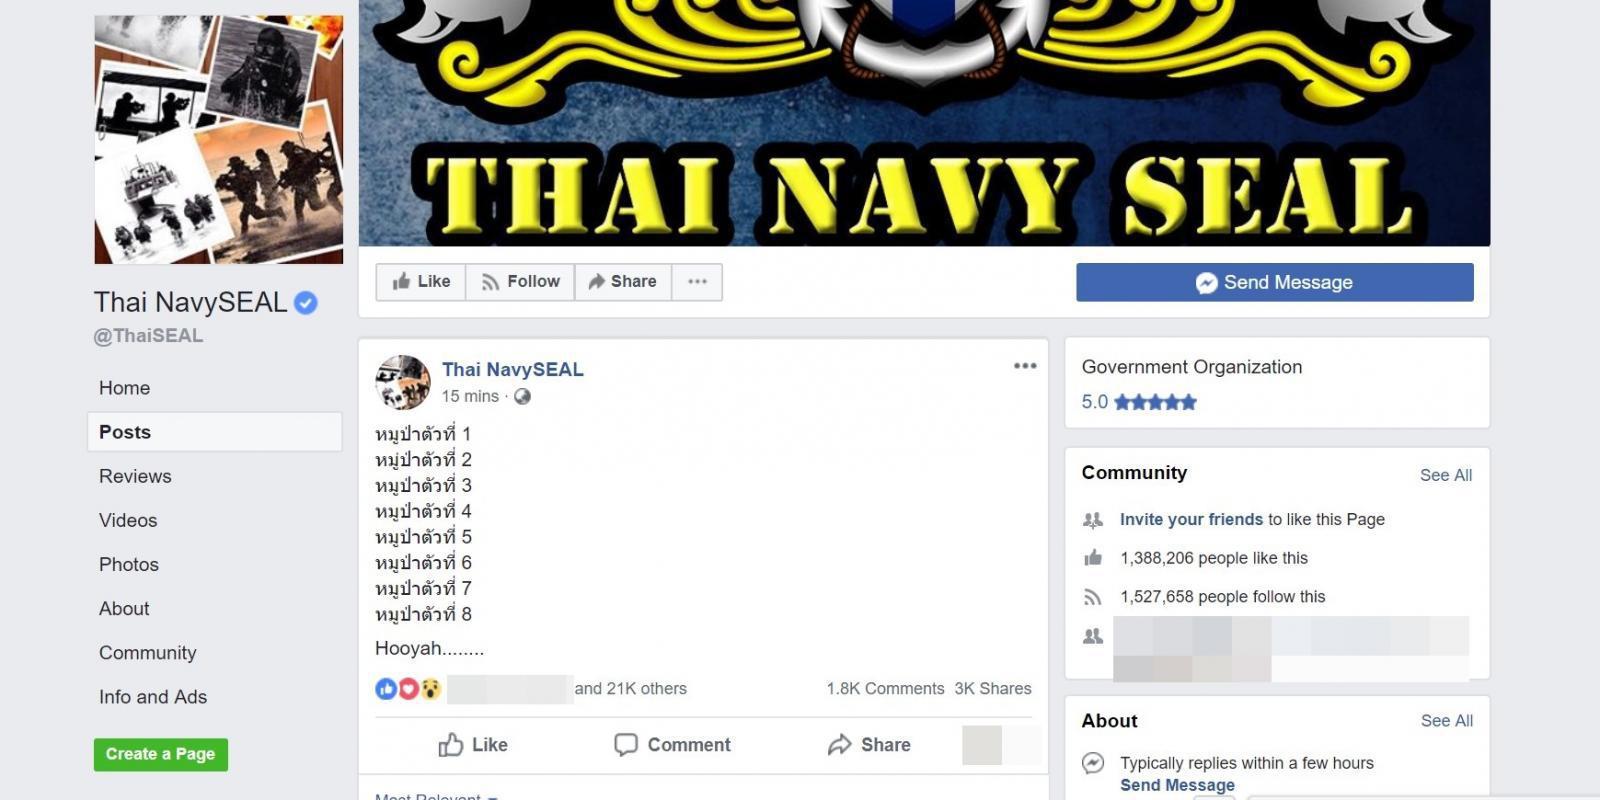 """เพจ """"Thai NavySEAL"""" โพสต์ช่วยทีมหมูป่าออกจากถ้ำหลวงสำเร็จเป็นคนที่ 8"""